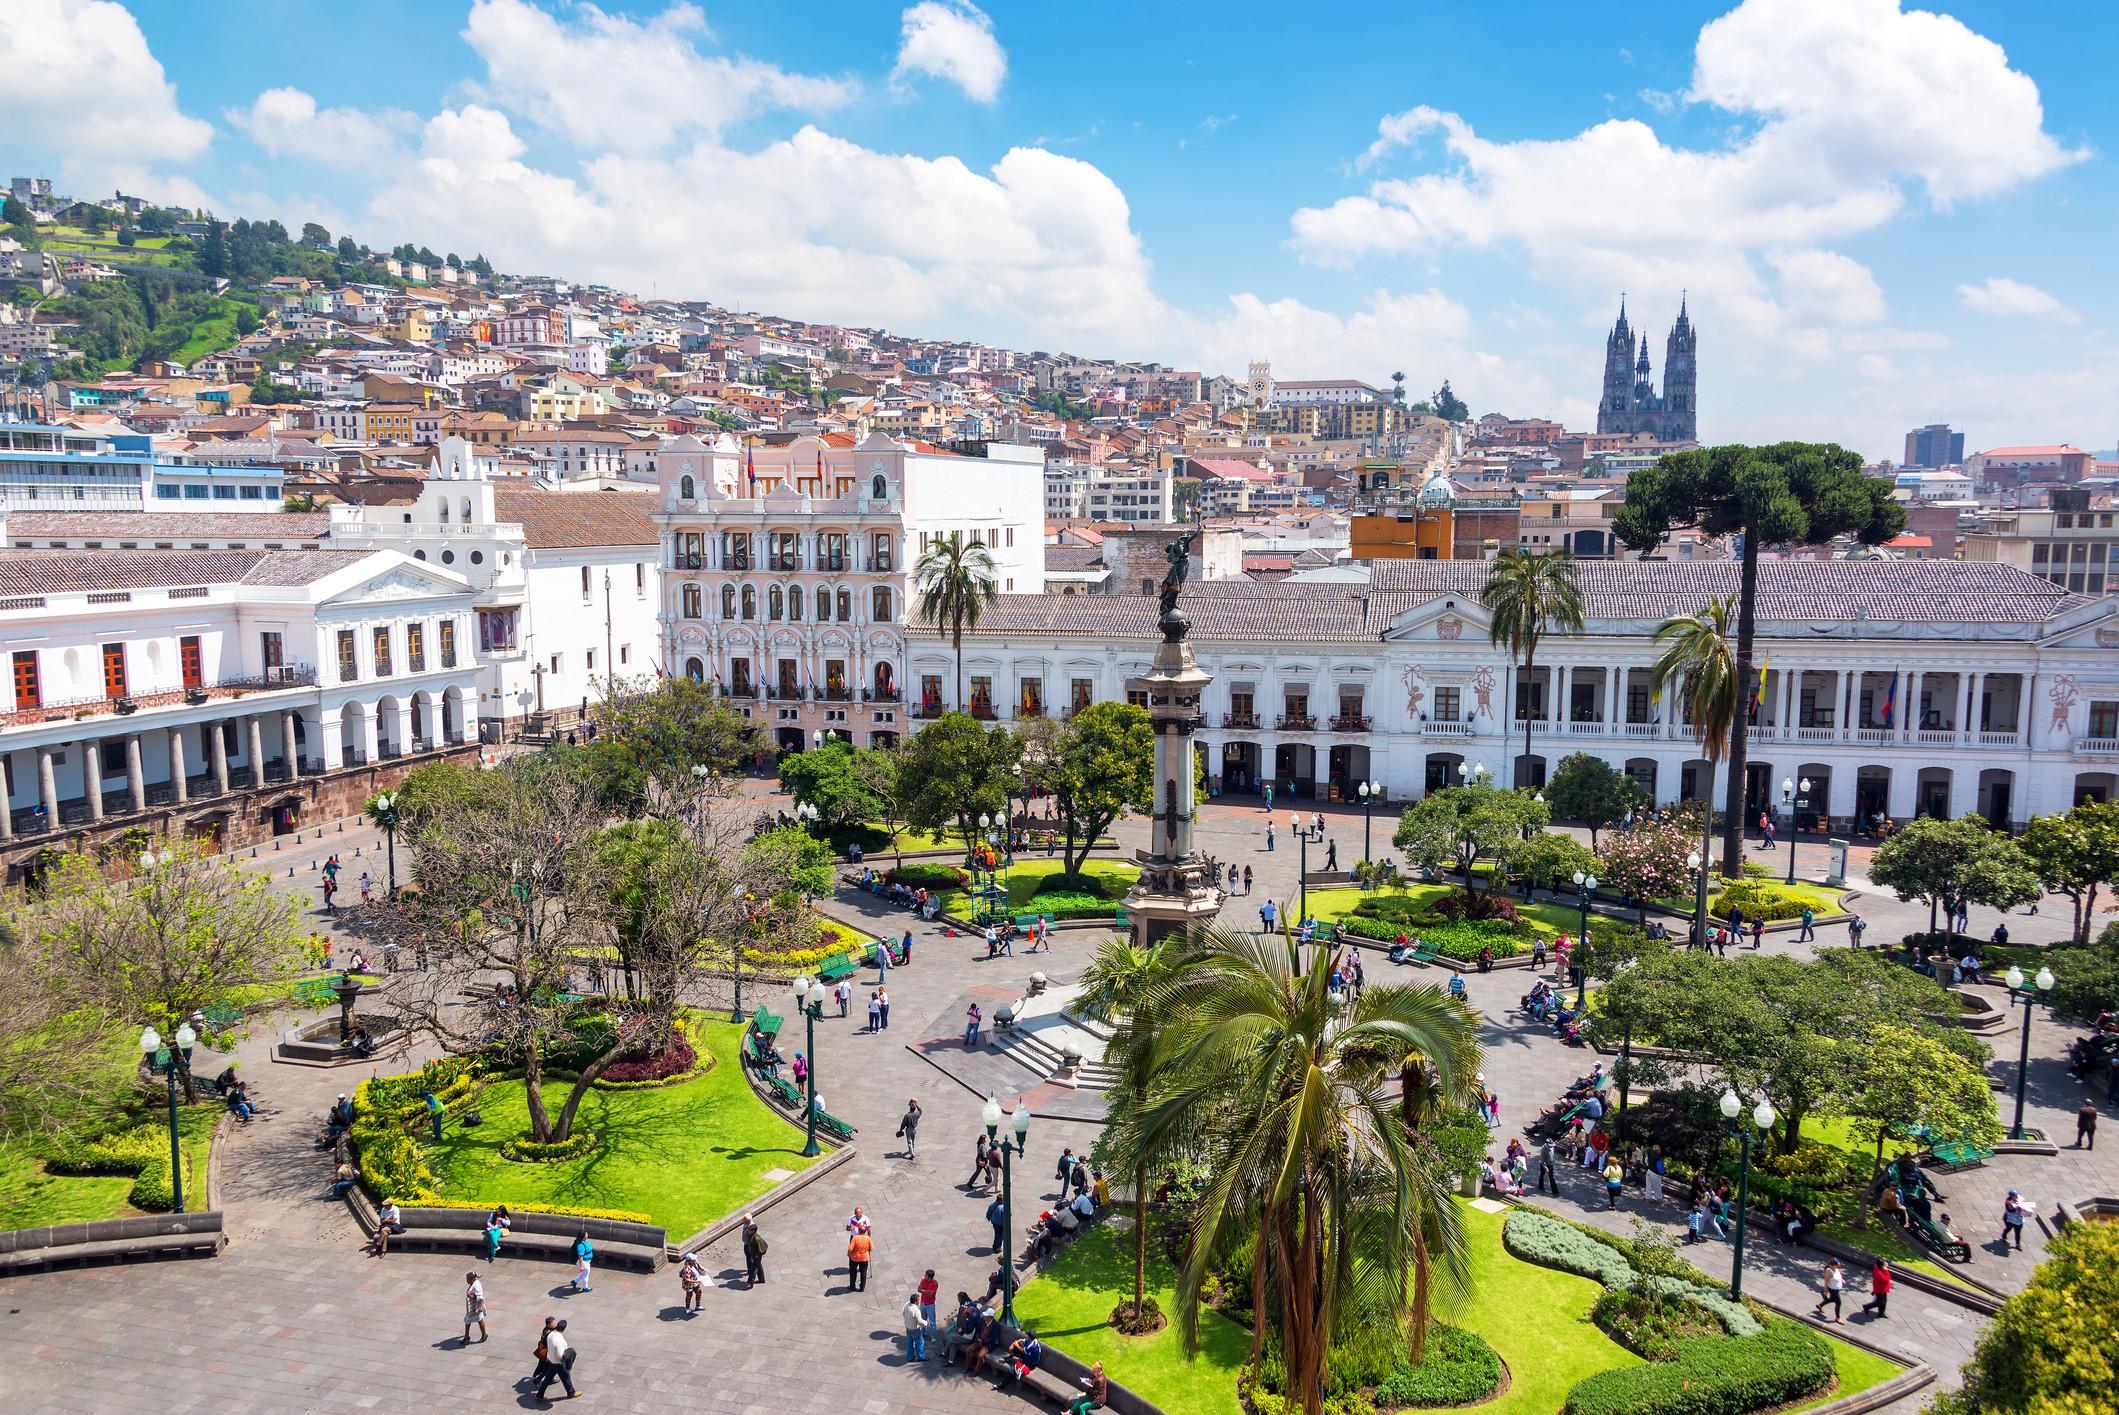 Portugal entre os melhores lugares para se aposentar; veja ranking